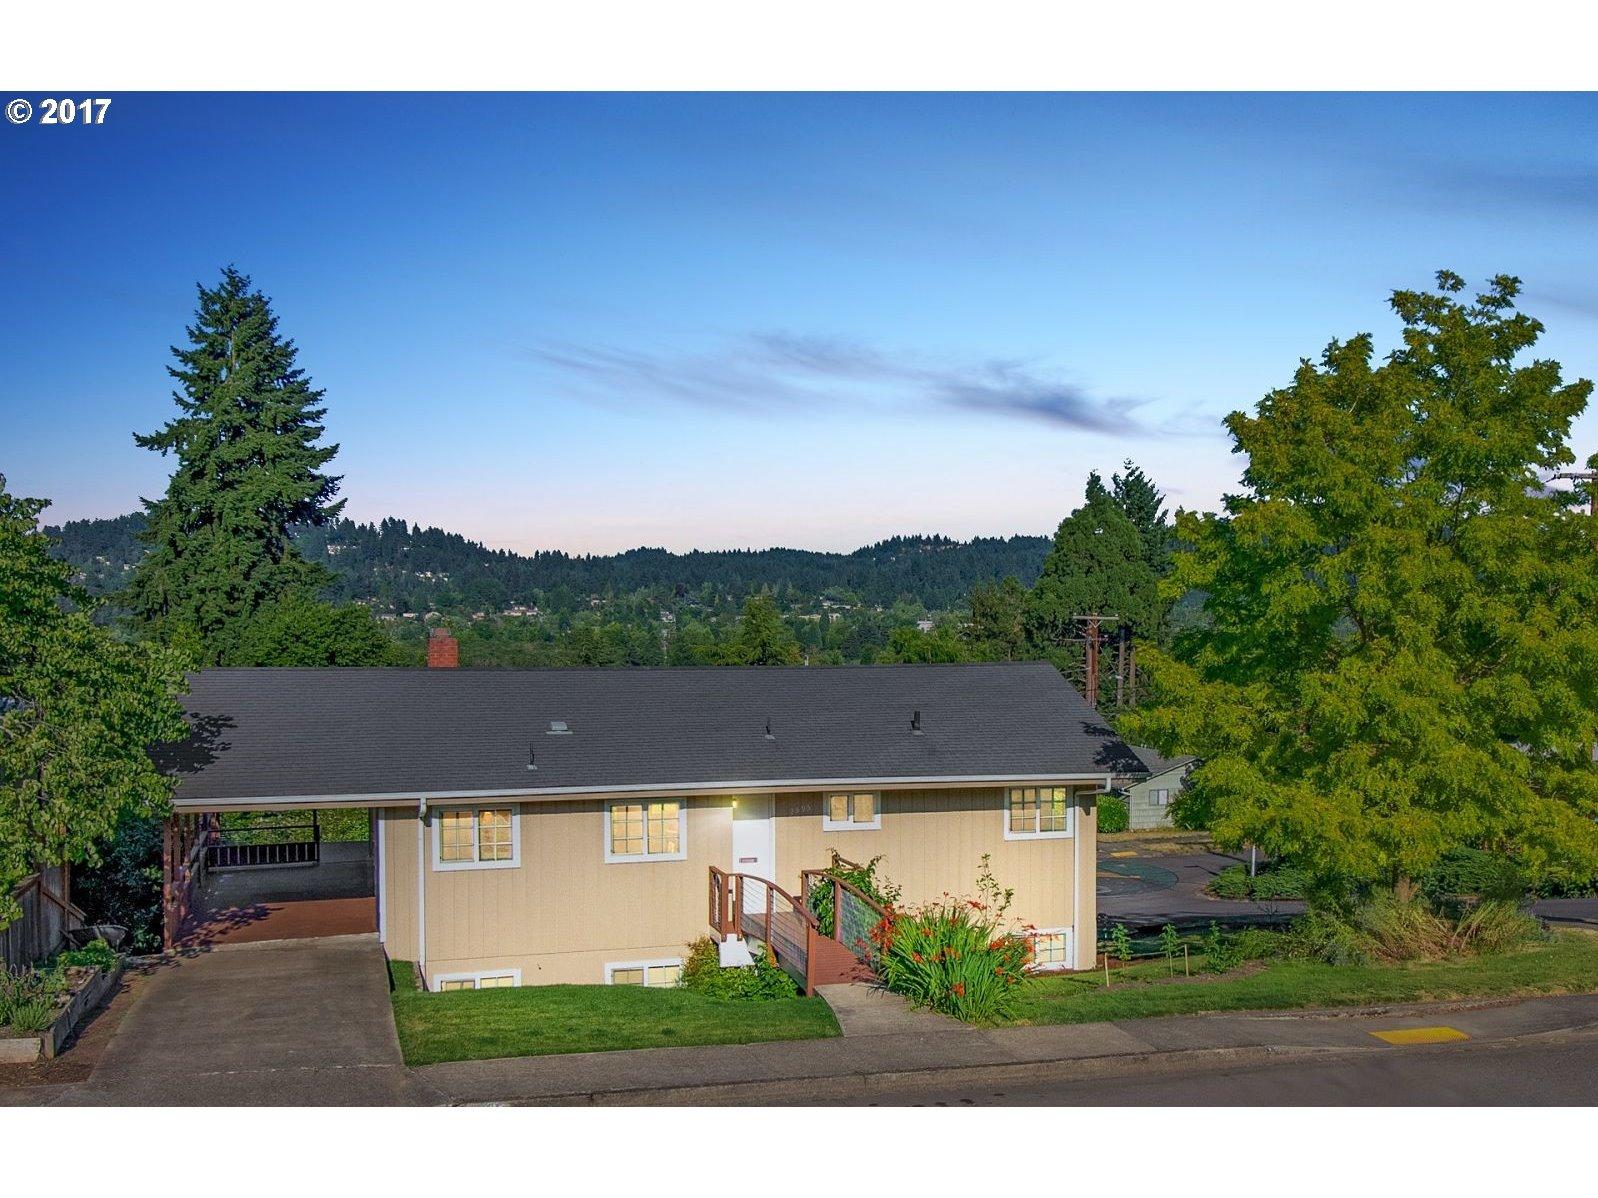 2595 CHARNELTON ST, Eugene, OR 97405